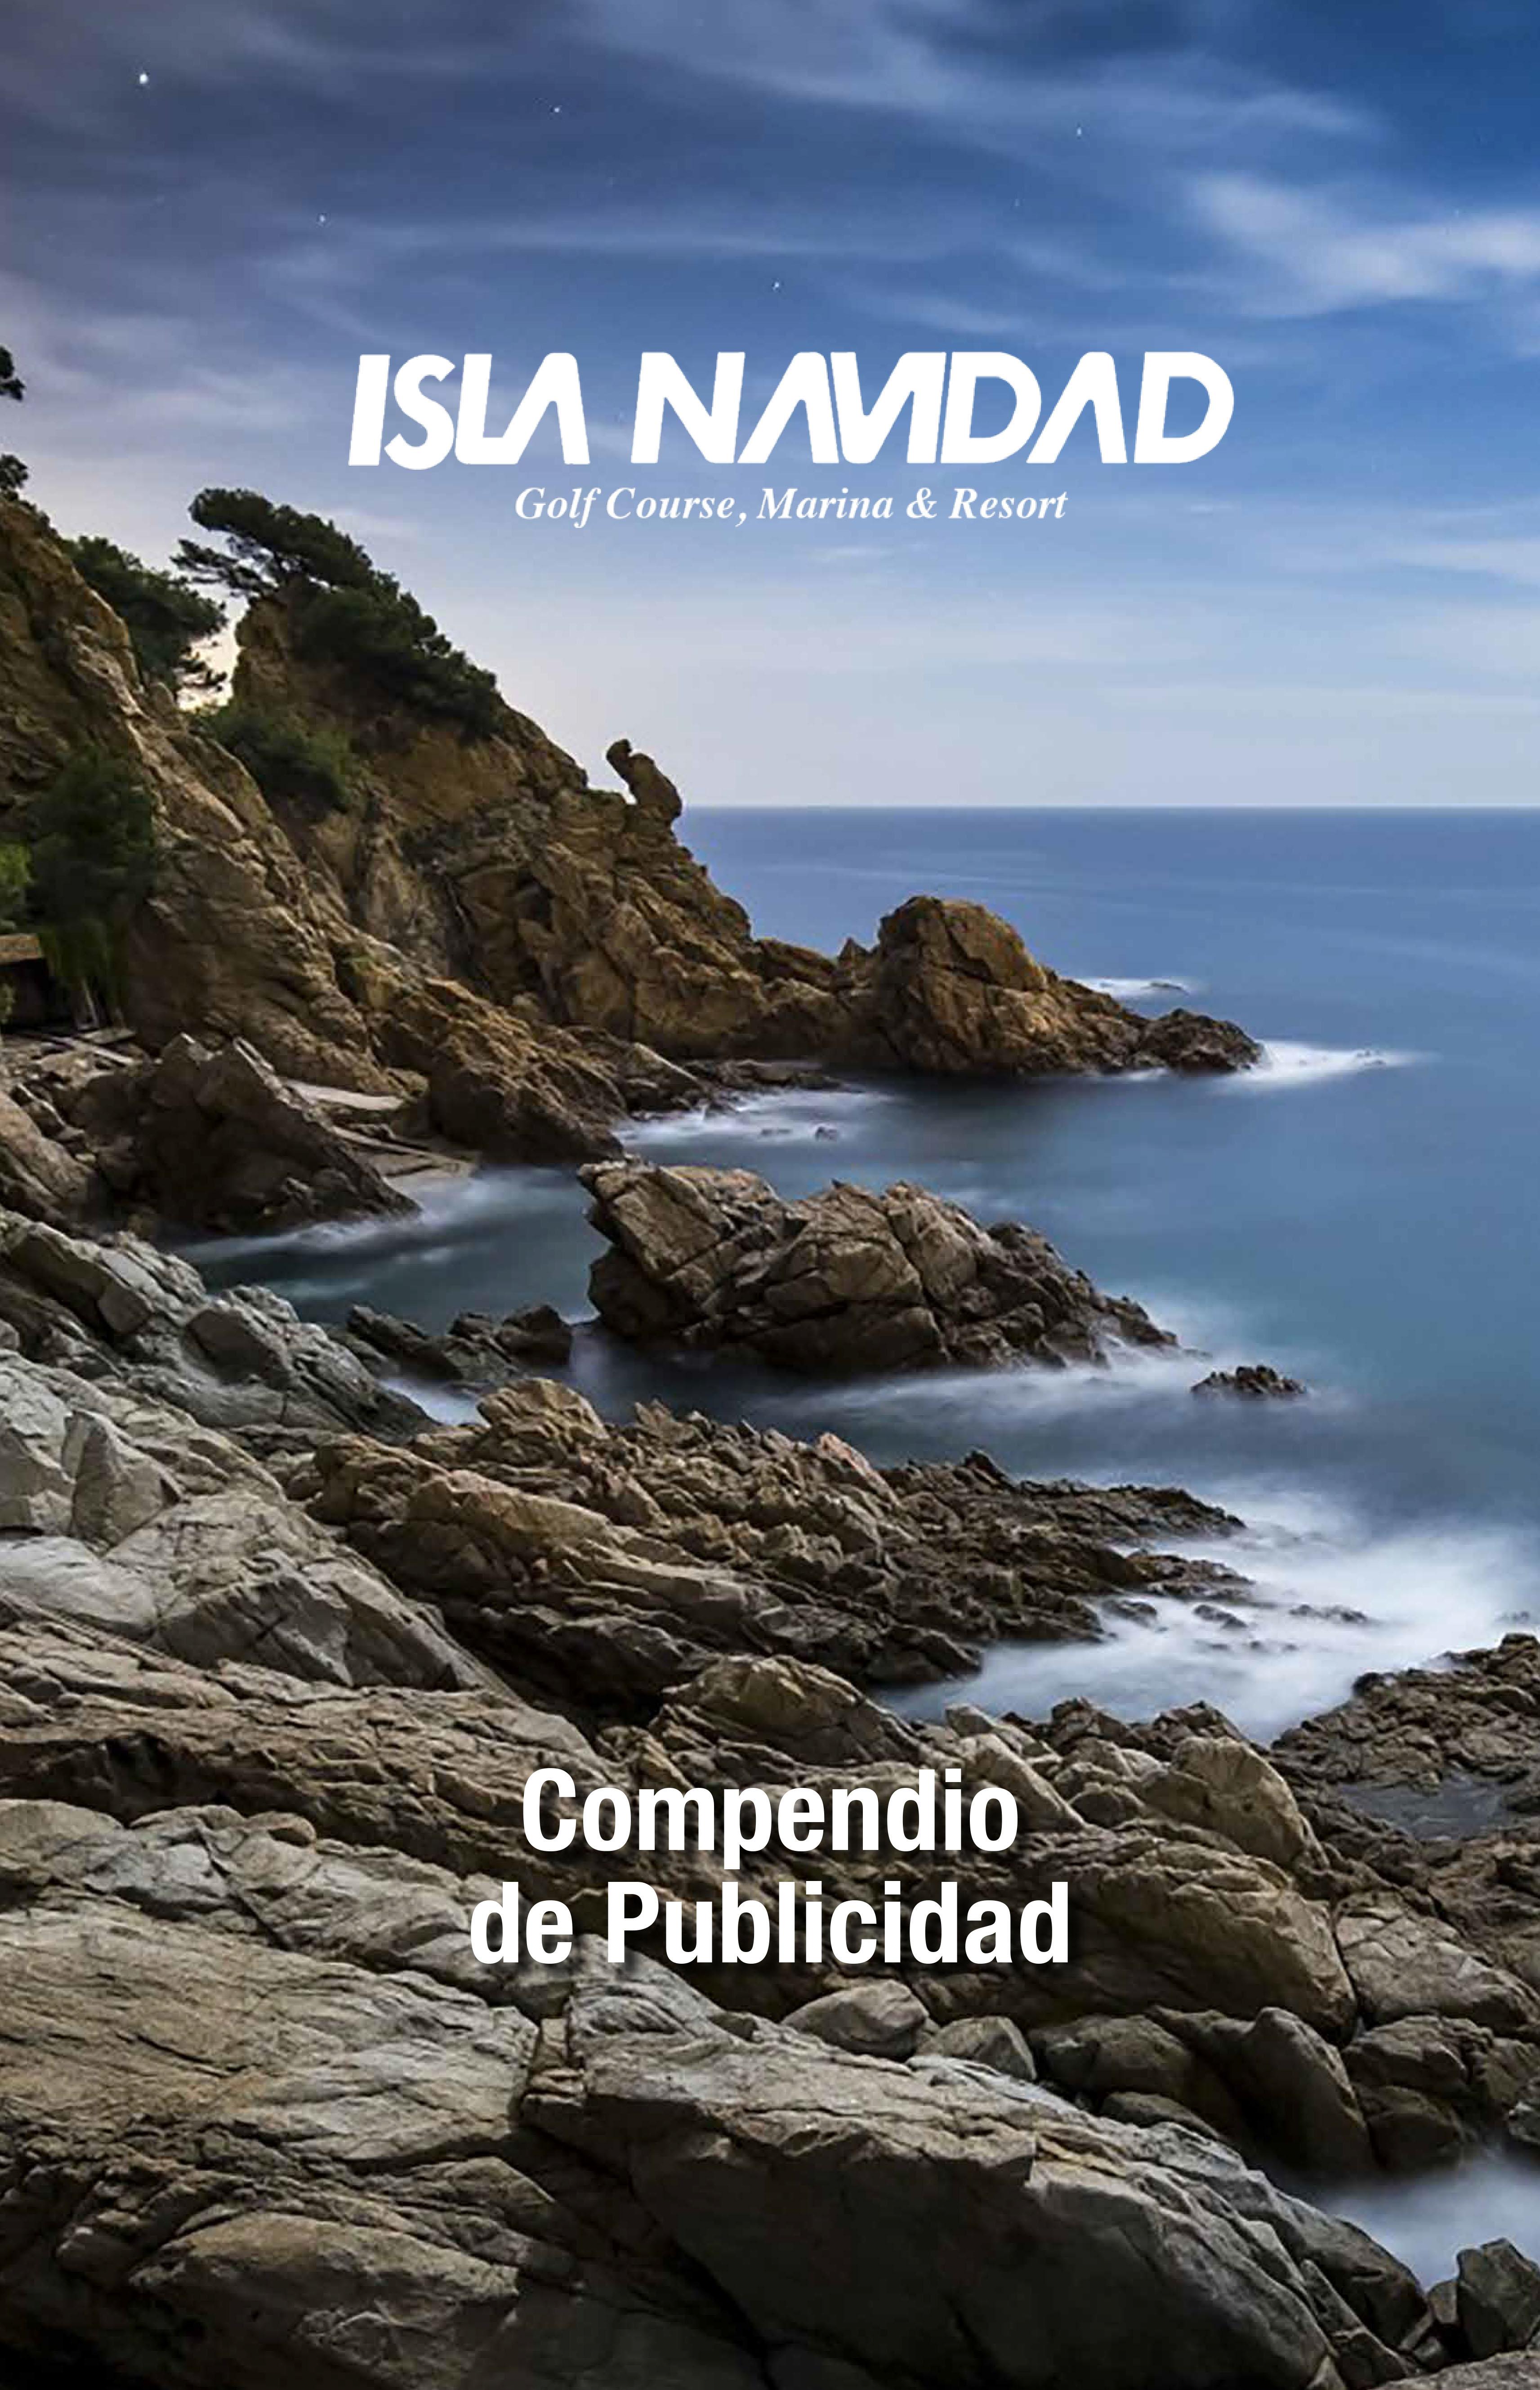 COMPENDIO PUBLICIDAD ISLA NAVIDAD